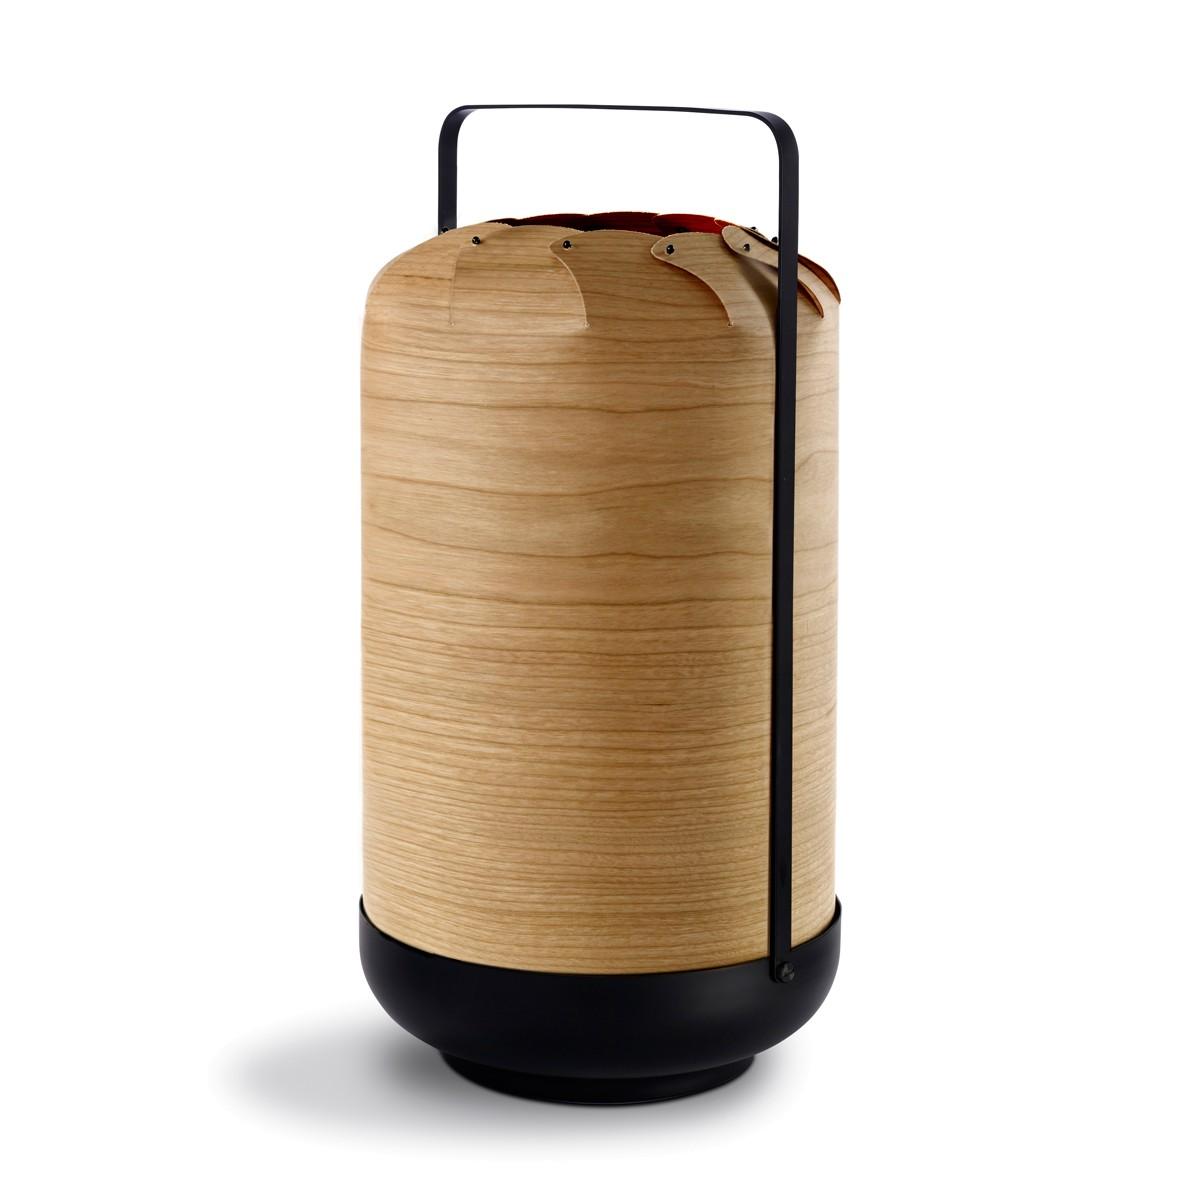 LZF Lamps Chou Tall Medium Tischleuchte, mit Dimmer, Kirsche